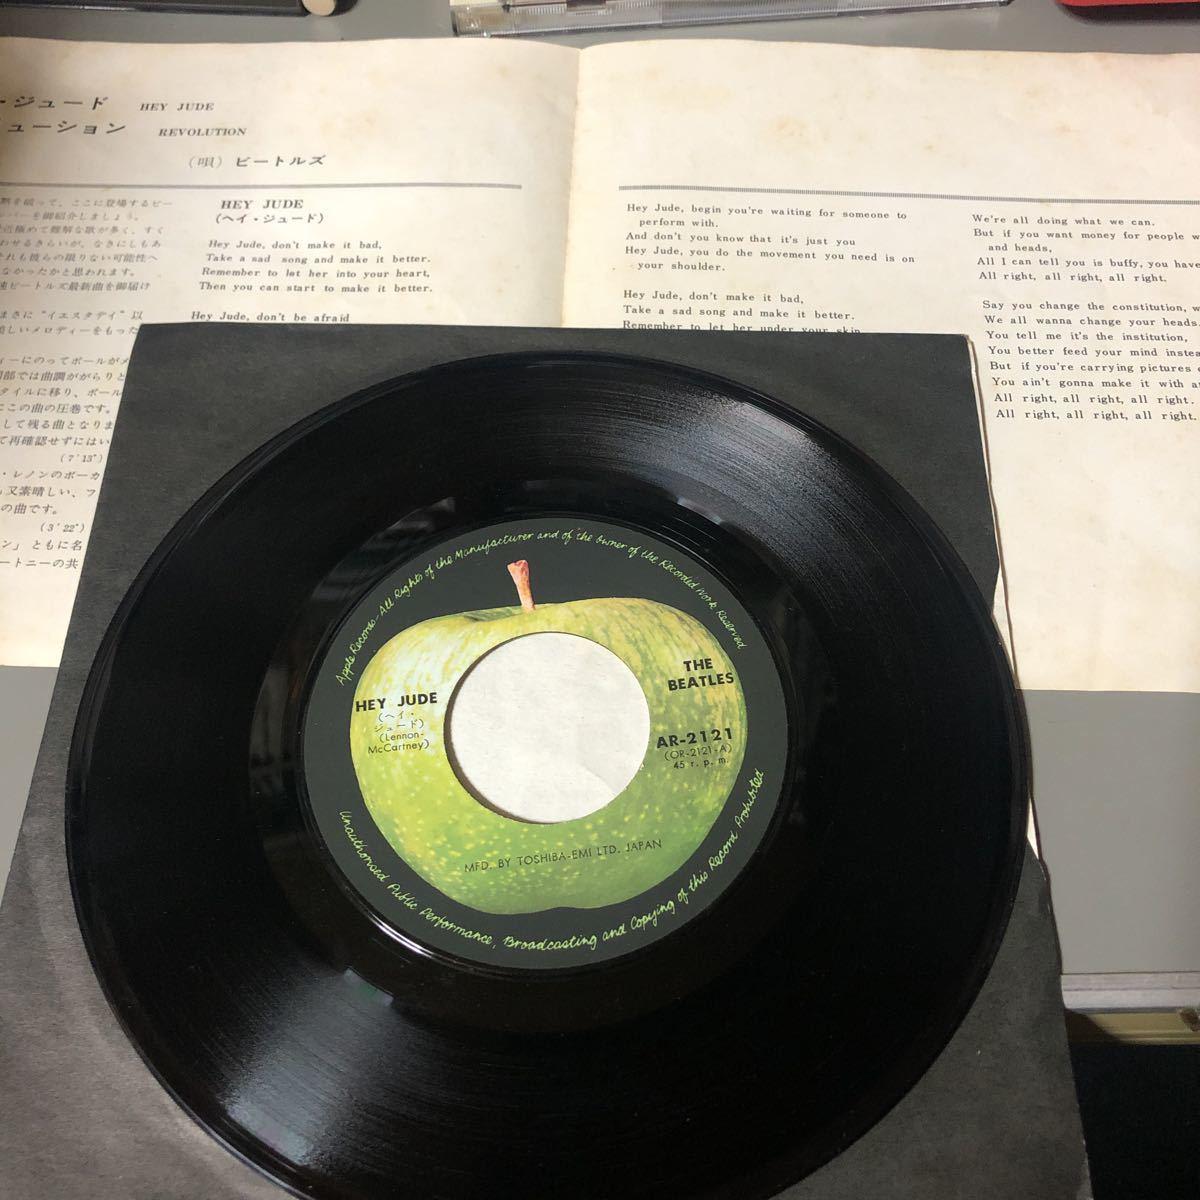 ザ・ビートルズ ヘイ・ジュード【アップル盤】国内盤7インチシングルレコード